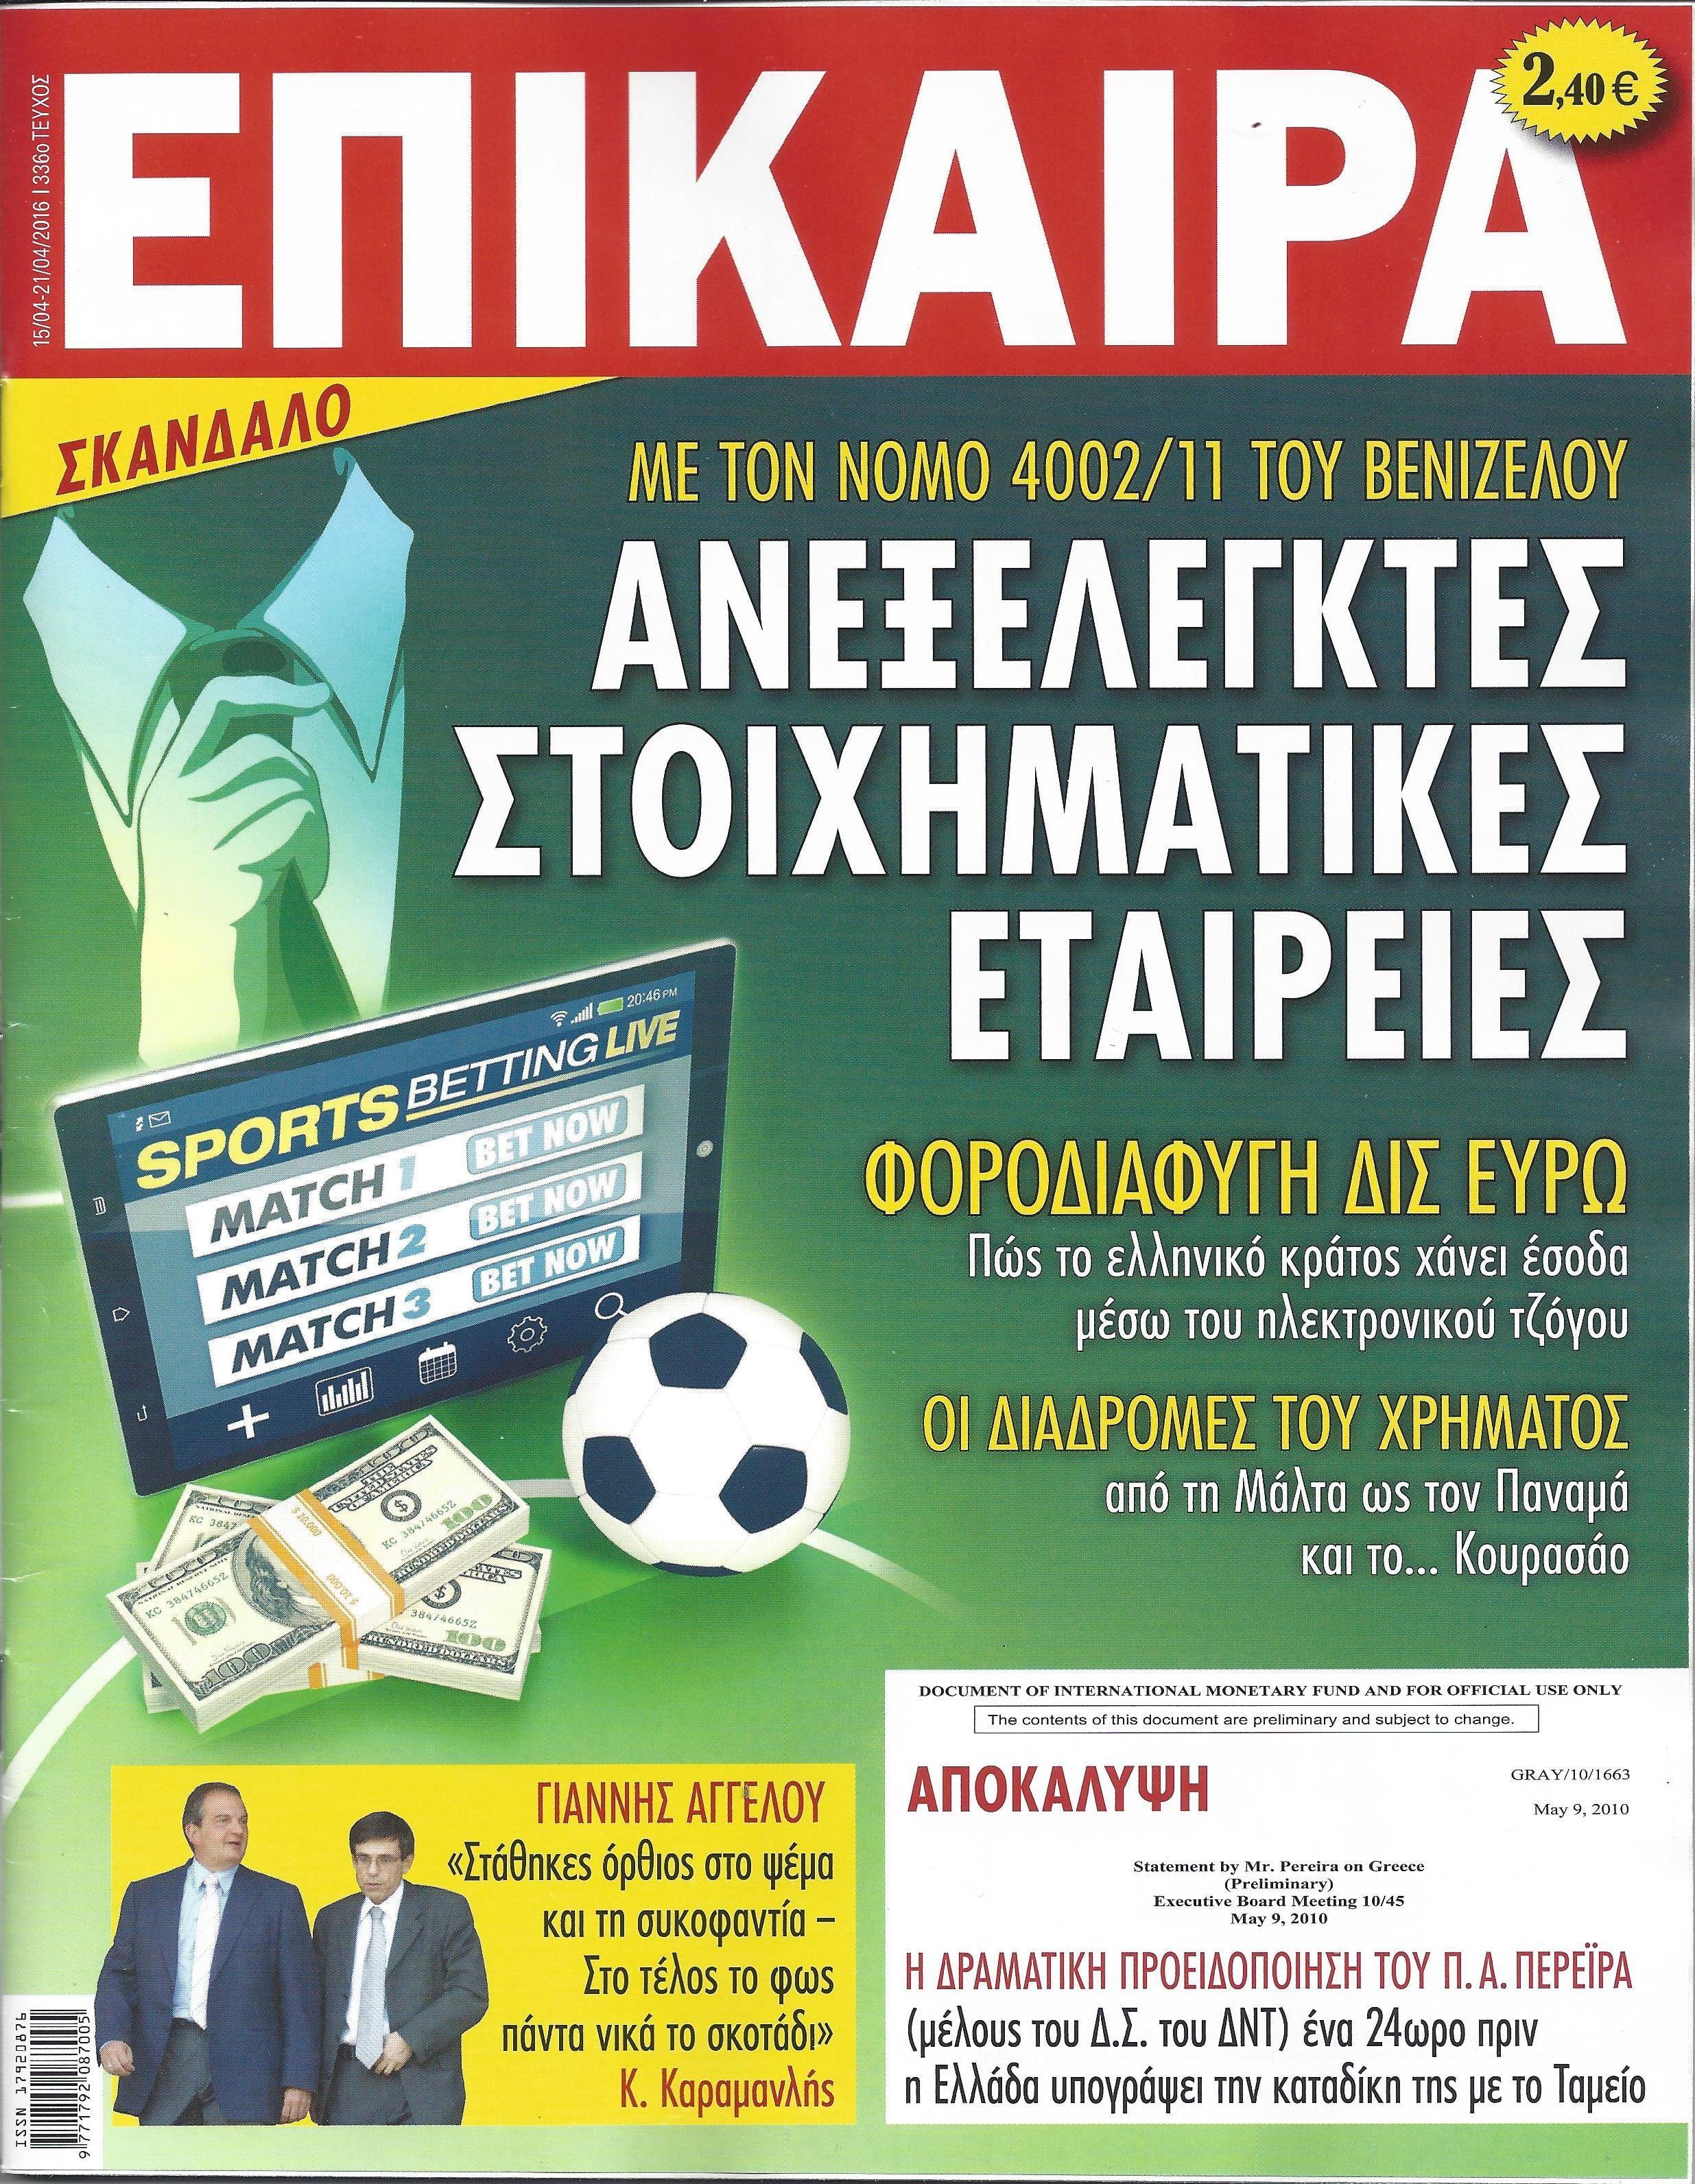 EPIKAIRA 336 -15 04 16 (6)